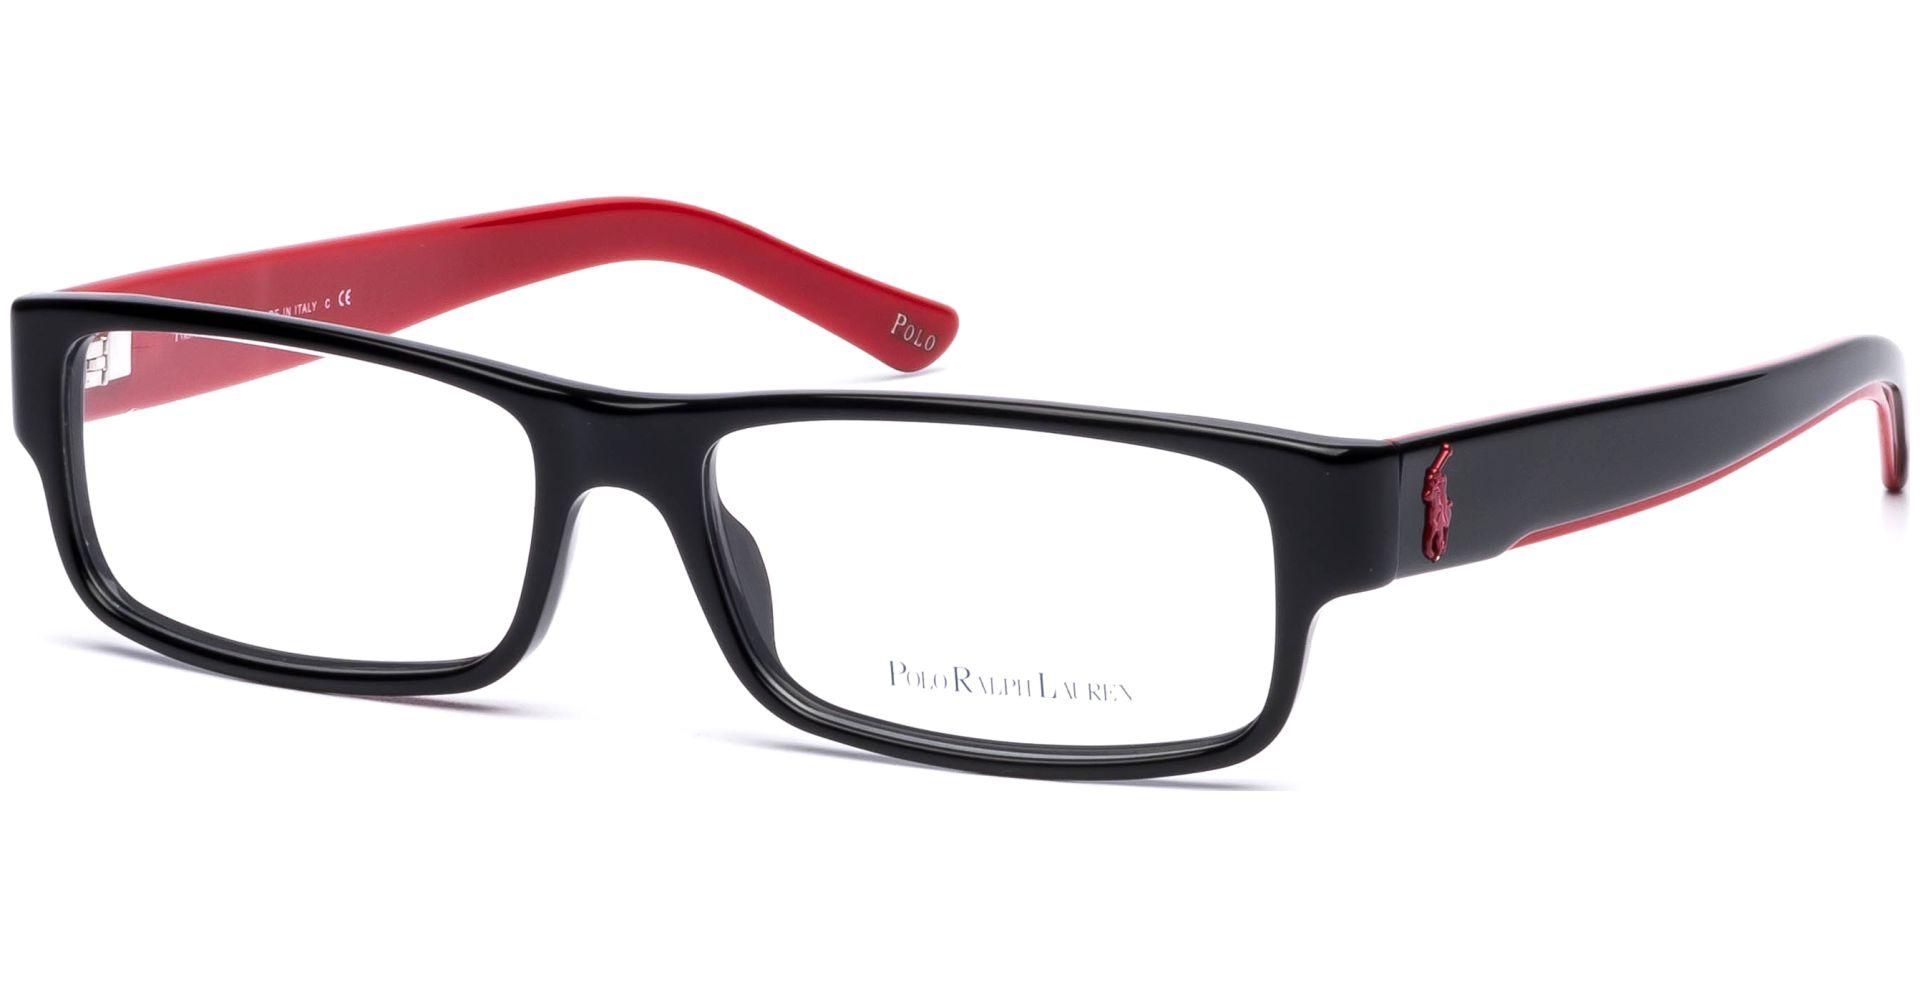 Polo - Ralph Lauren - PH2058 5245 5415 Black - von netzoptiker